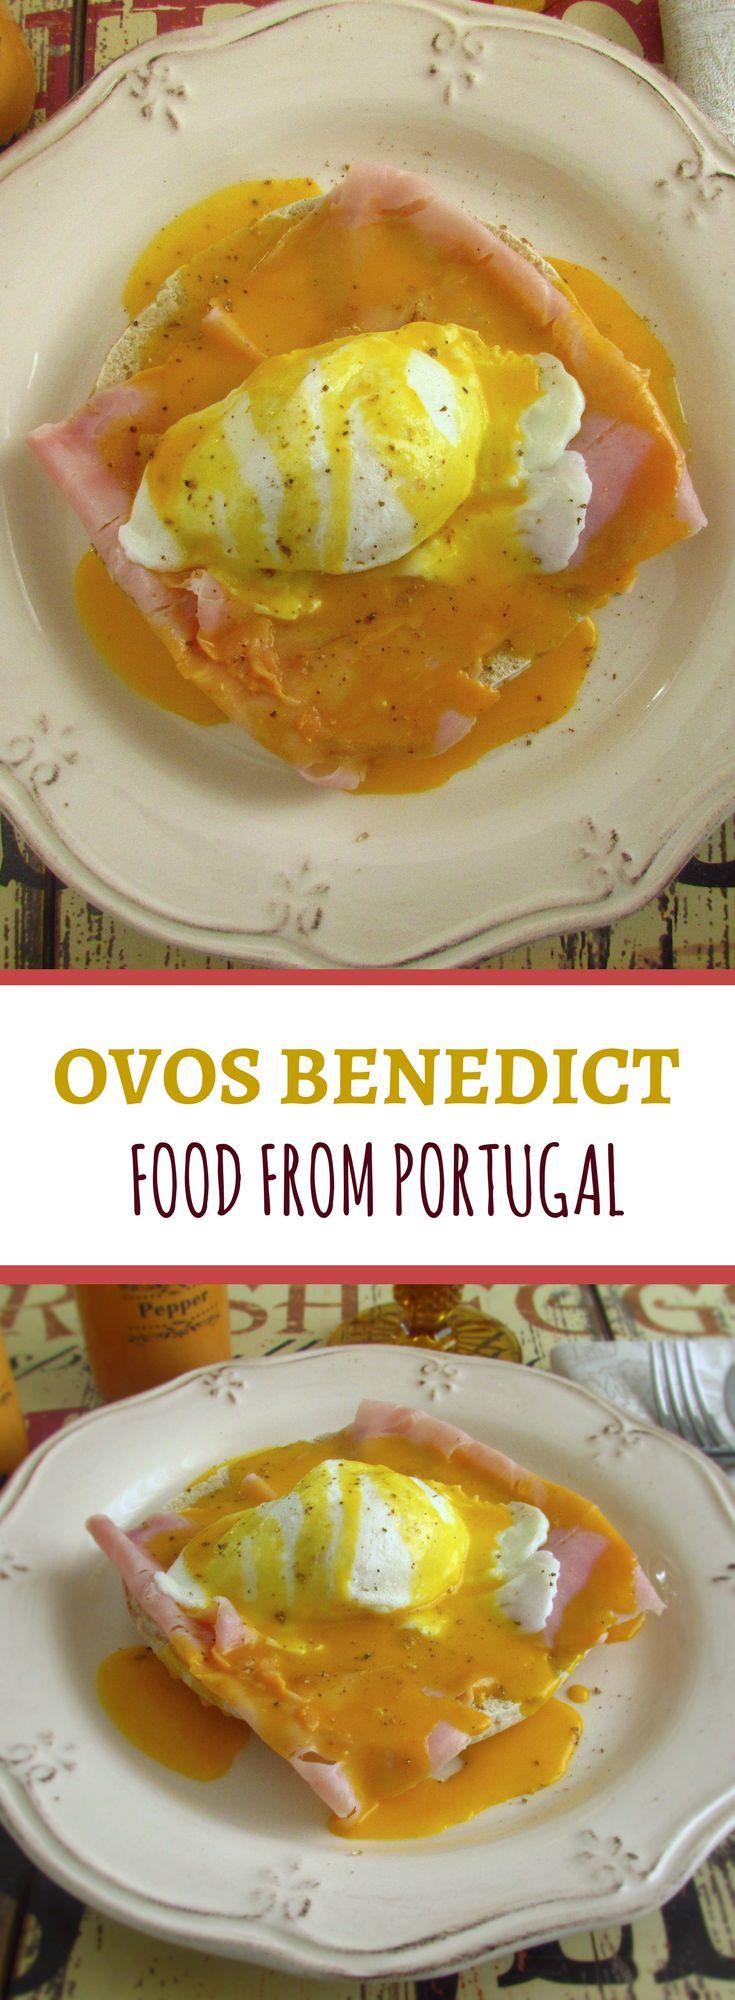 Ovos benedict   Food From Portugal. Ovos benedict é uma receita deliciosa, ovos escalfados em água temperada com um raminho de coentros, acompanhado com pão e fiambre e com um molho feito à base de sumo de limão, gemas de ovo, margarina e pimenta. #receita #ovo #benedict